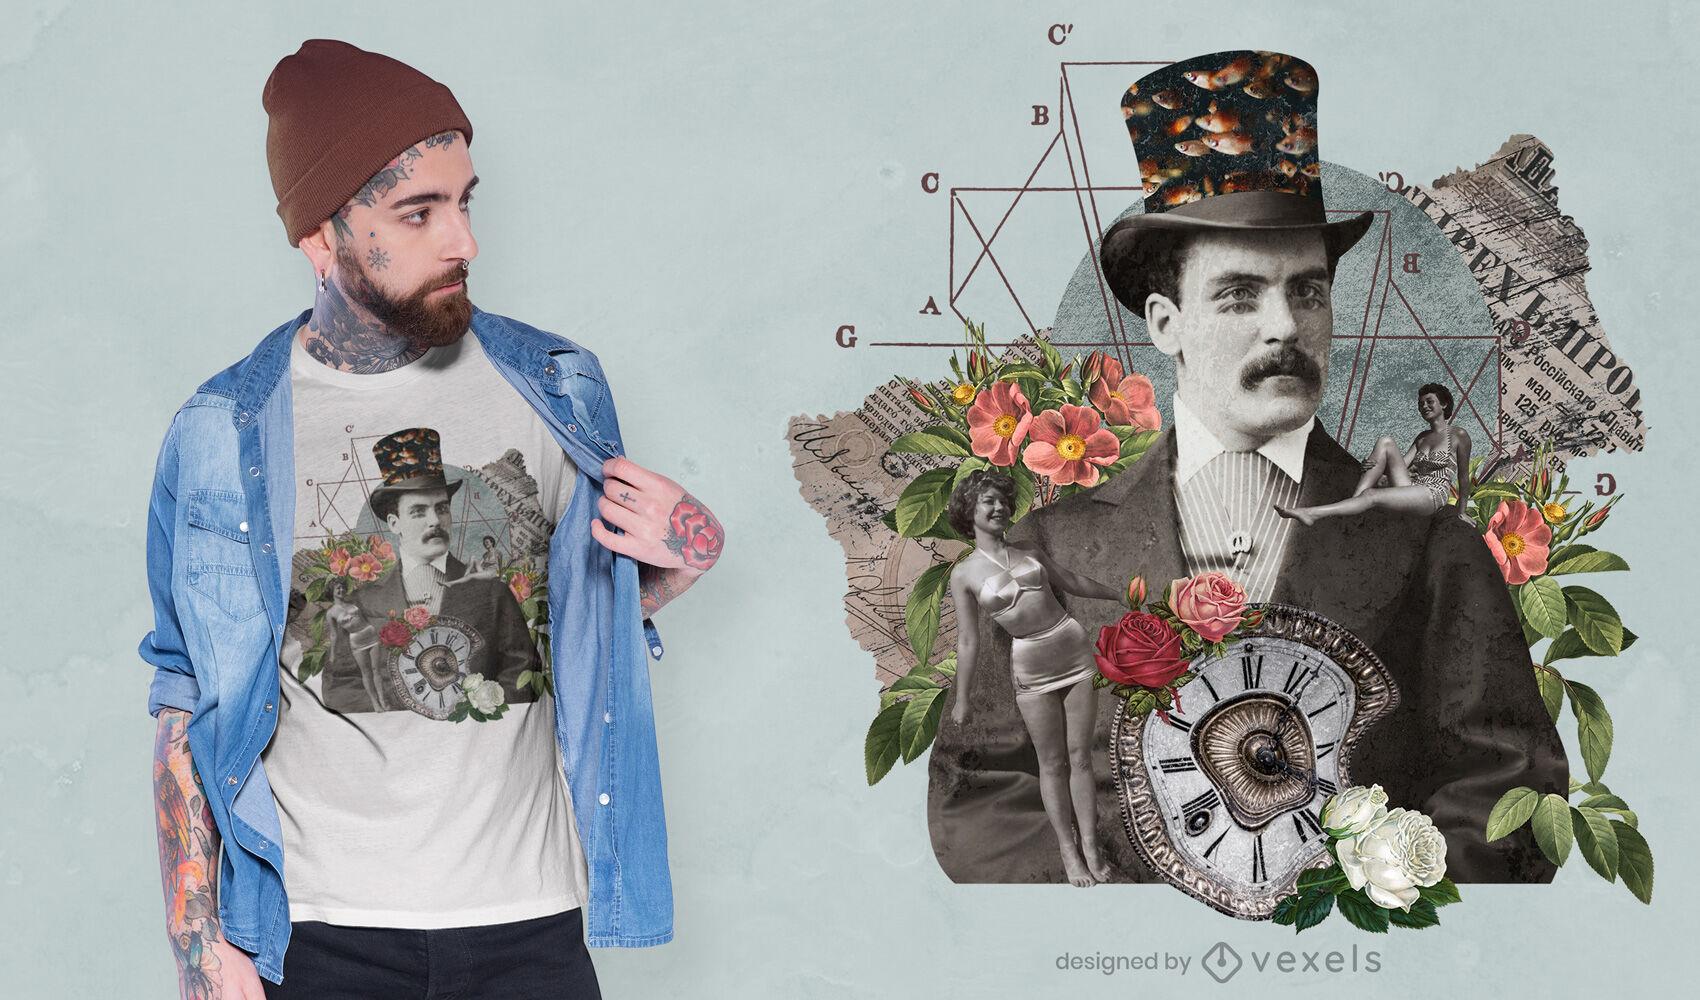 Dise?o de camiseta psd g?tica vintage collage hombre